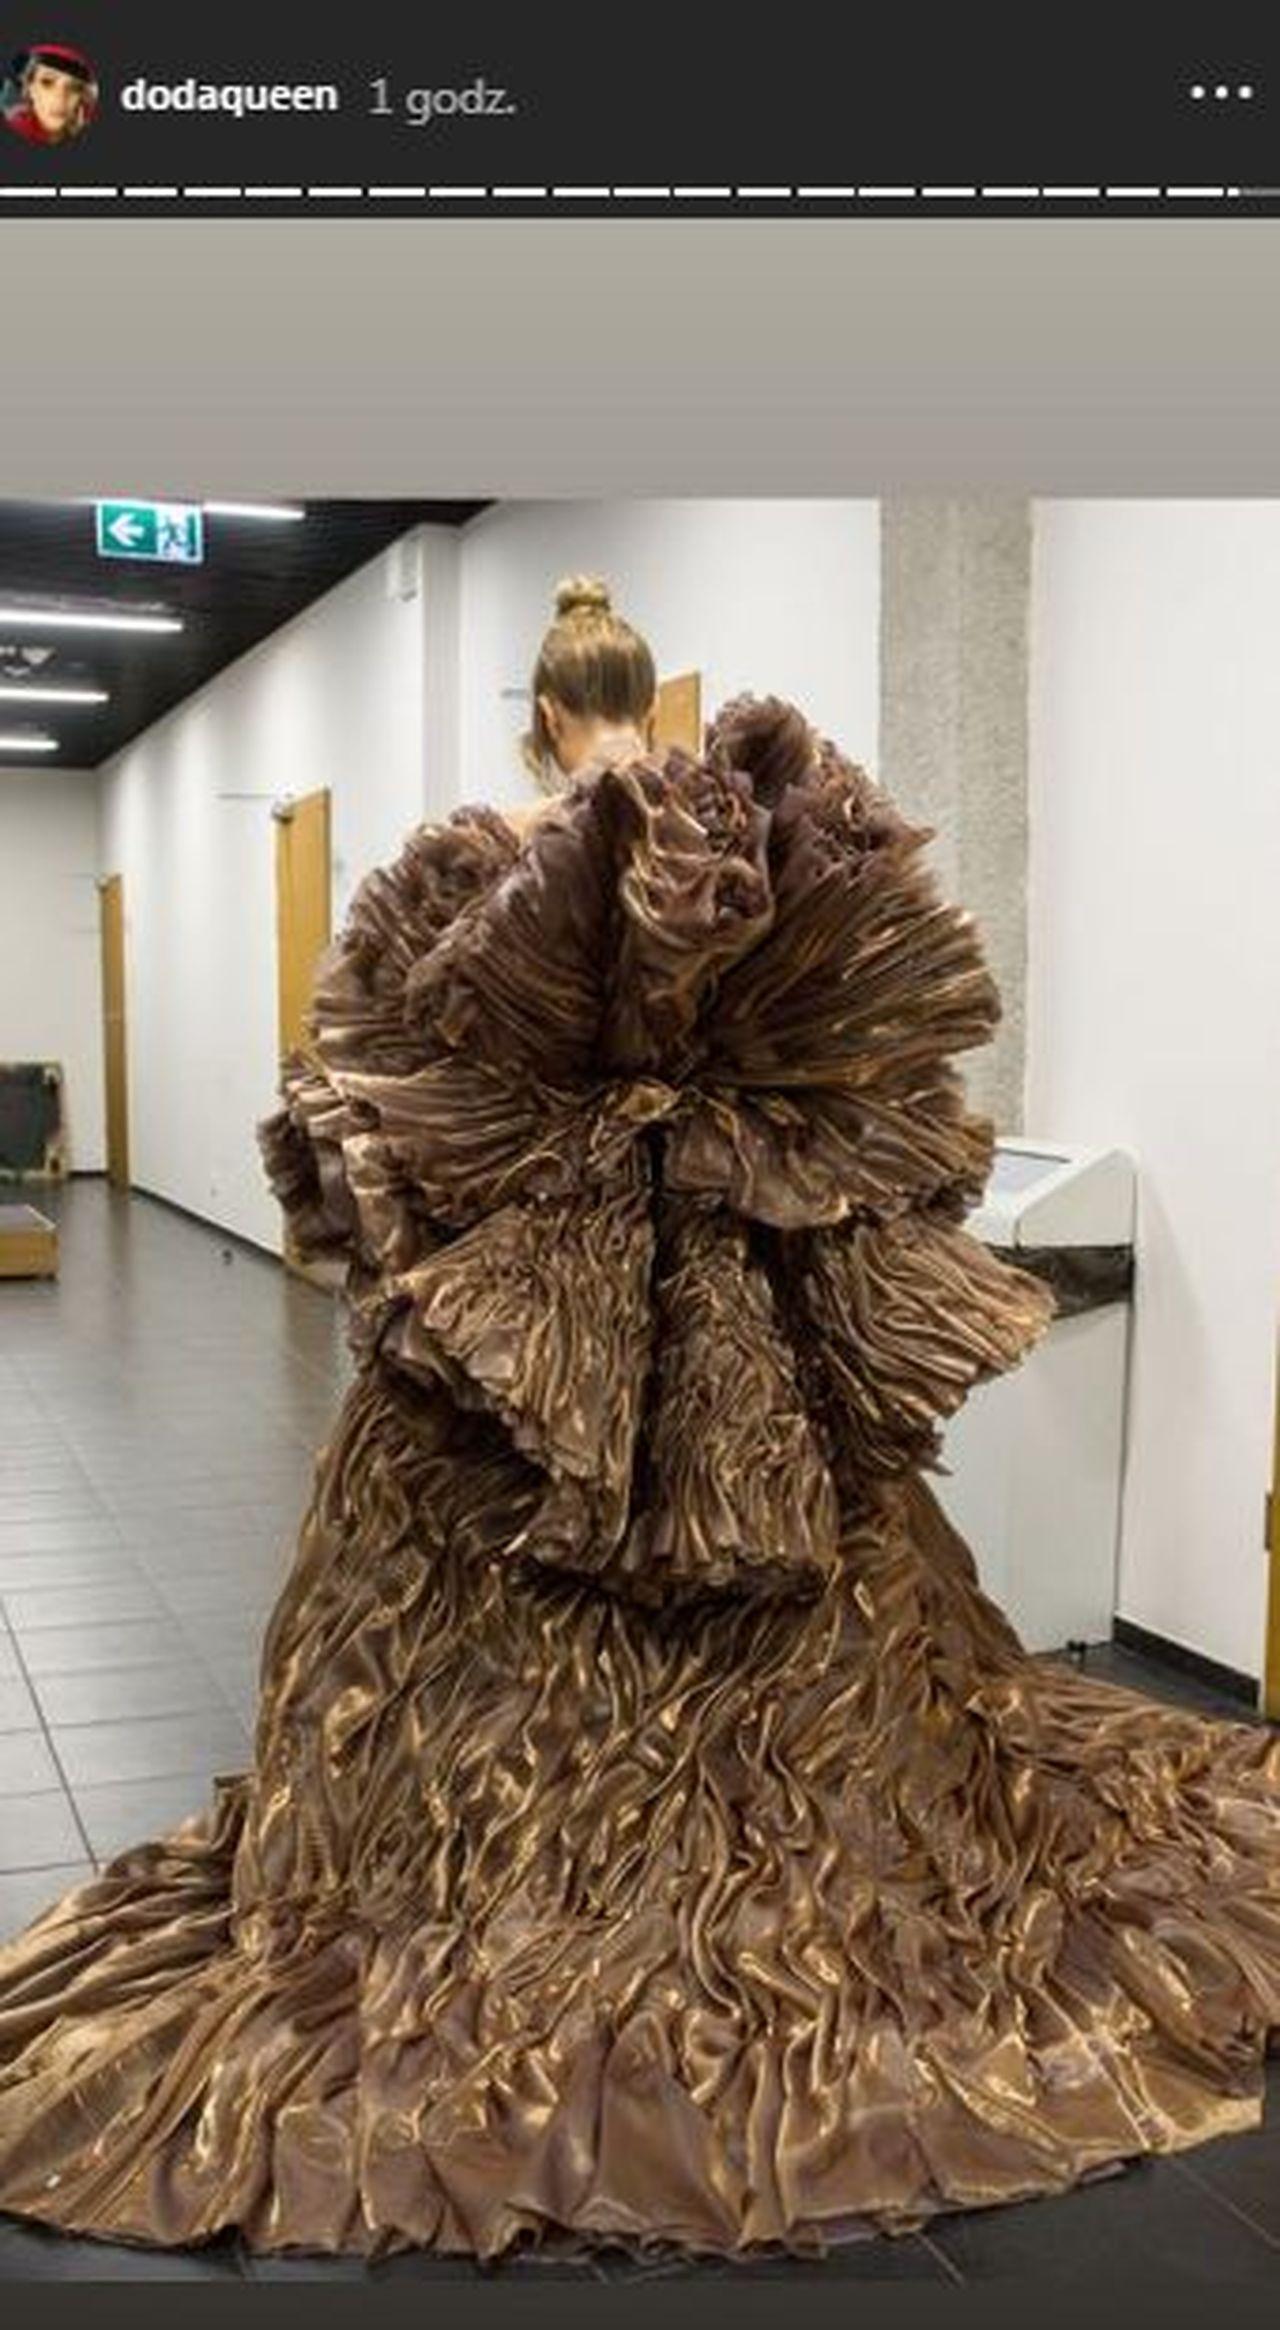 doda suknia patrycja kujawa występ filharmonia Instagram